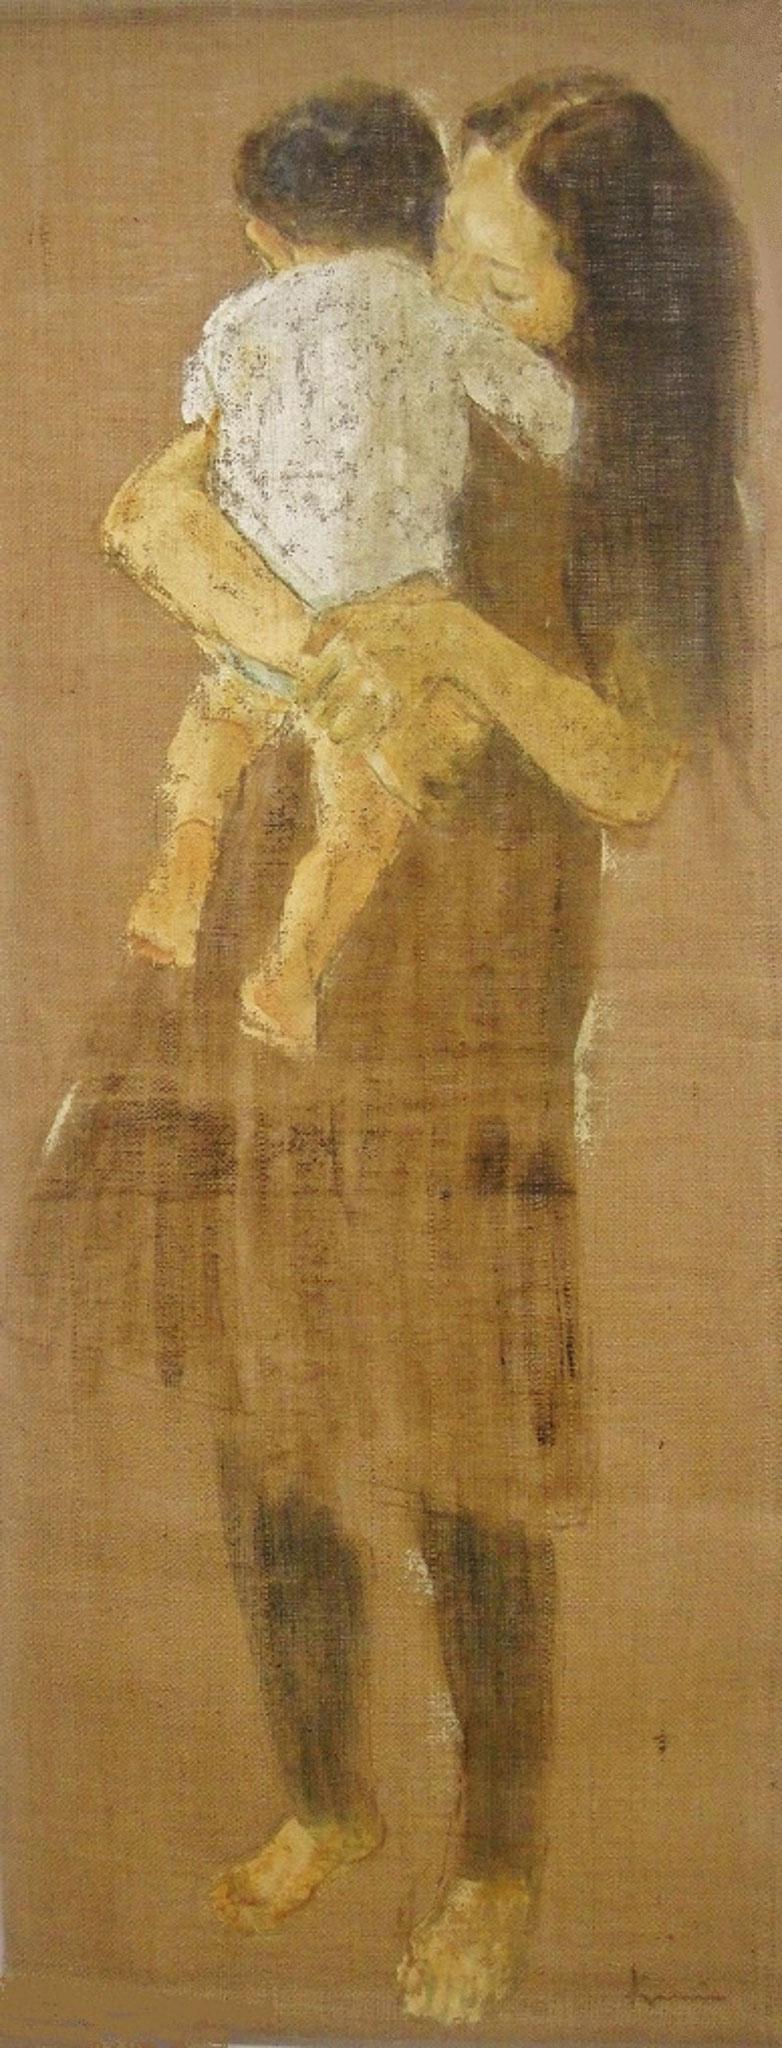 ダキシメルオモイ 」 1450×550 麻布・油彩・2009年